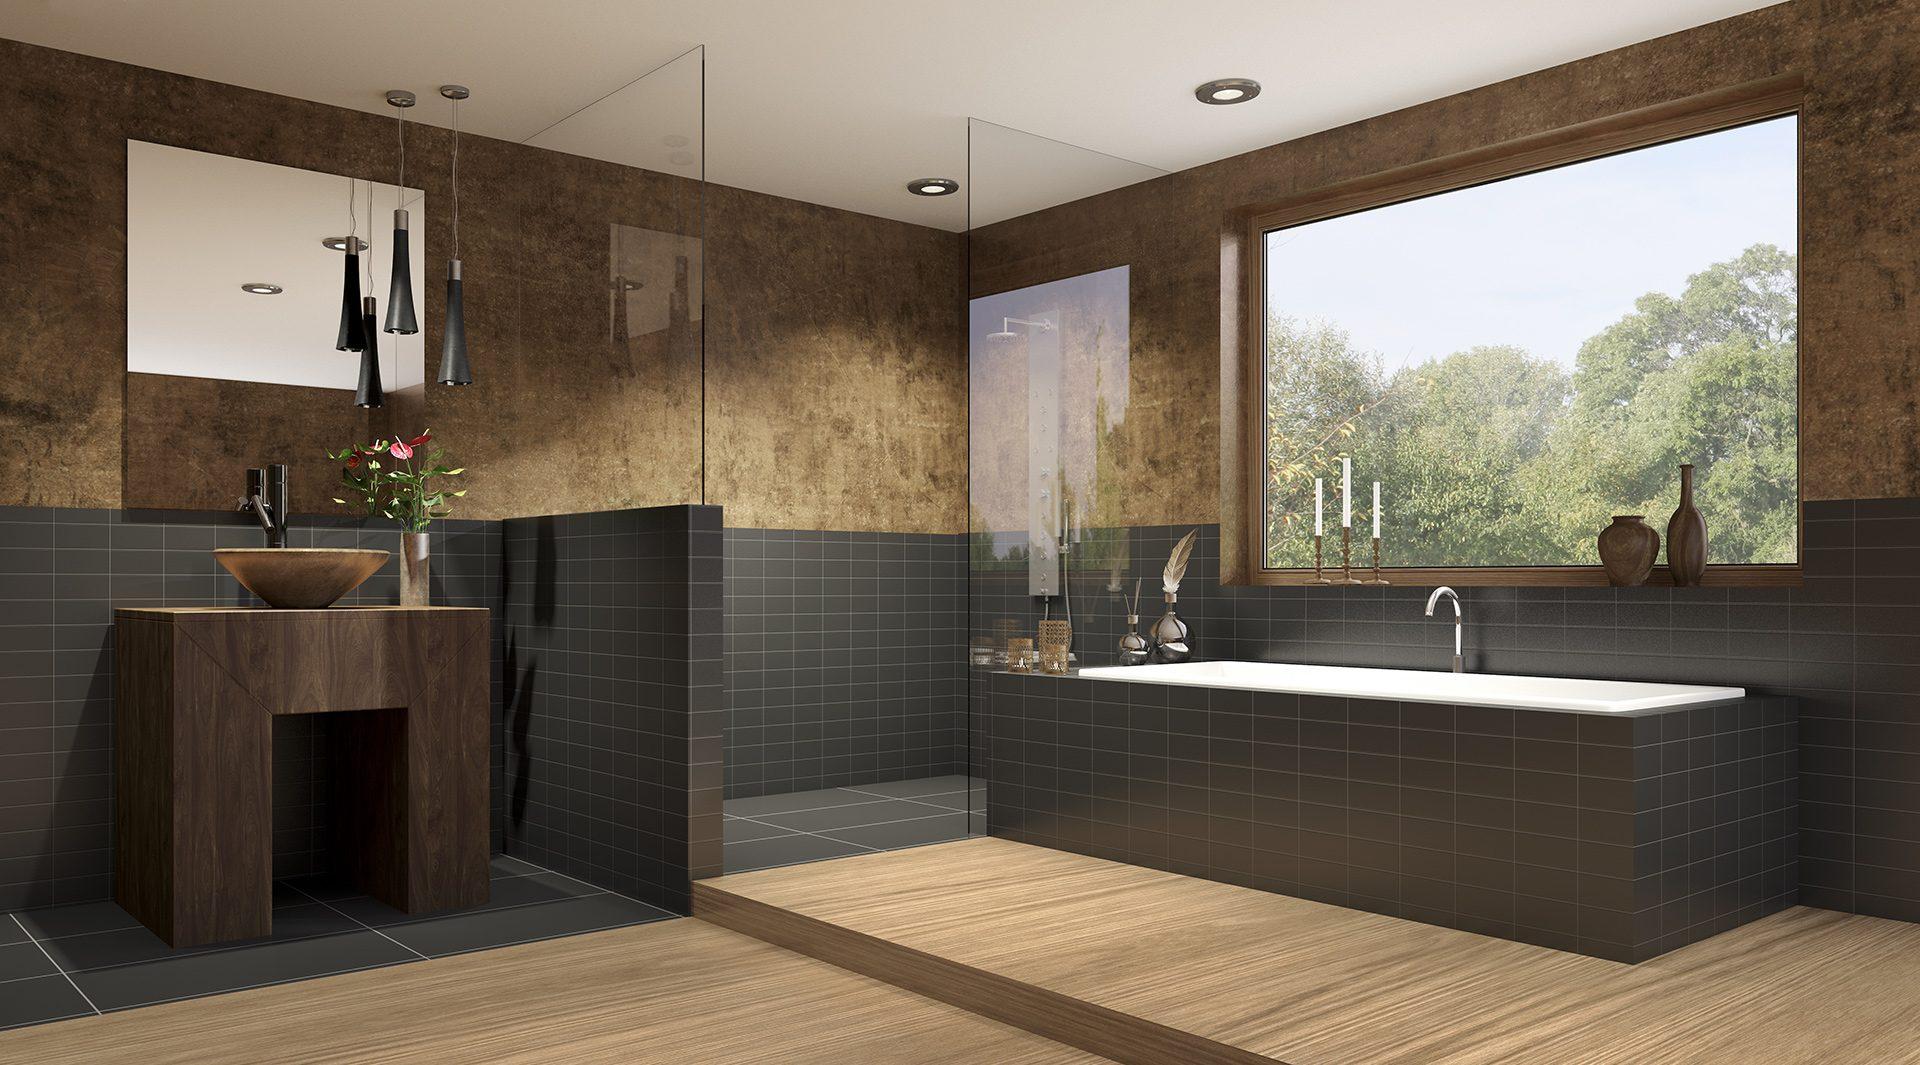 Dusche und Wanne auf engstem Raum